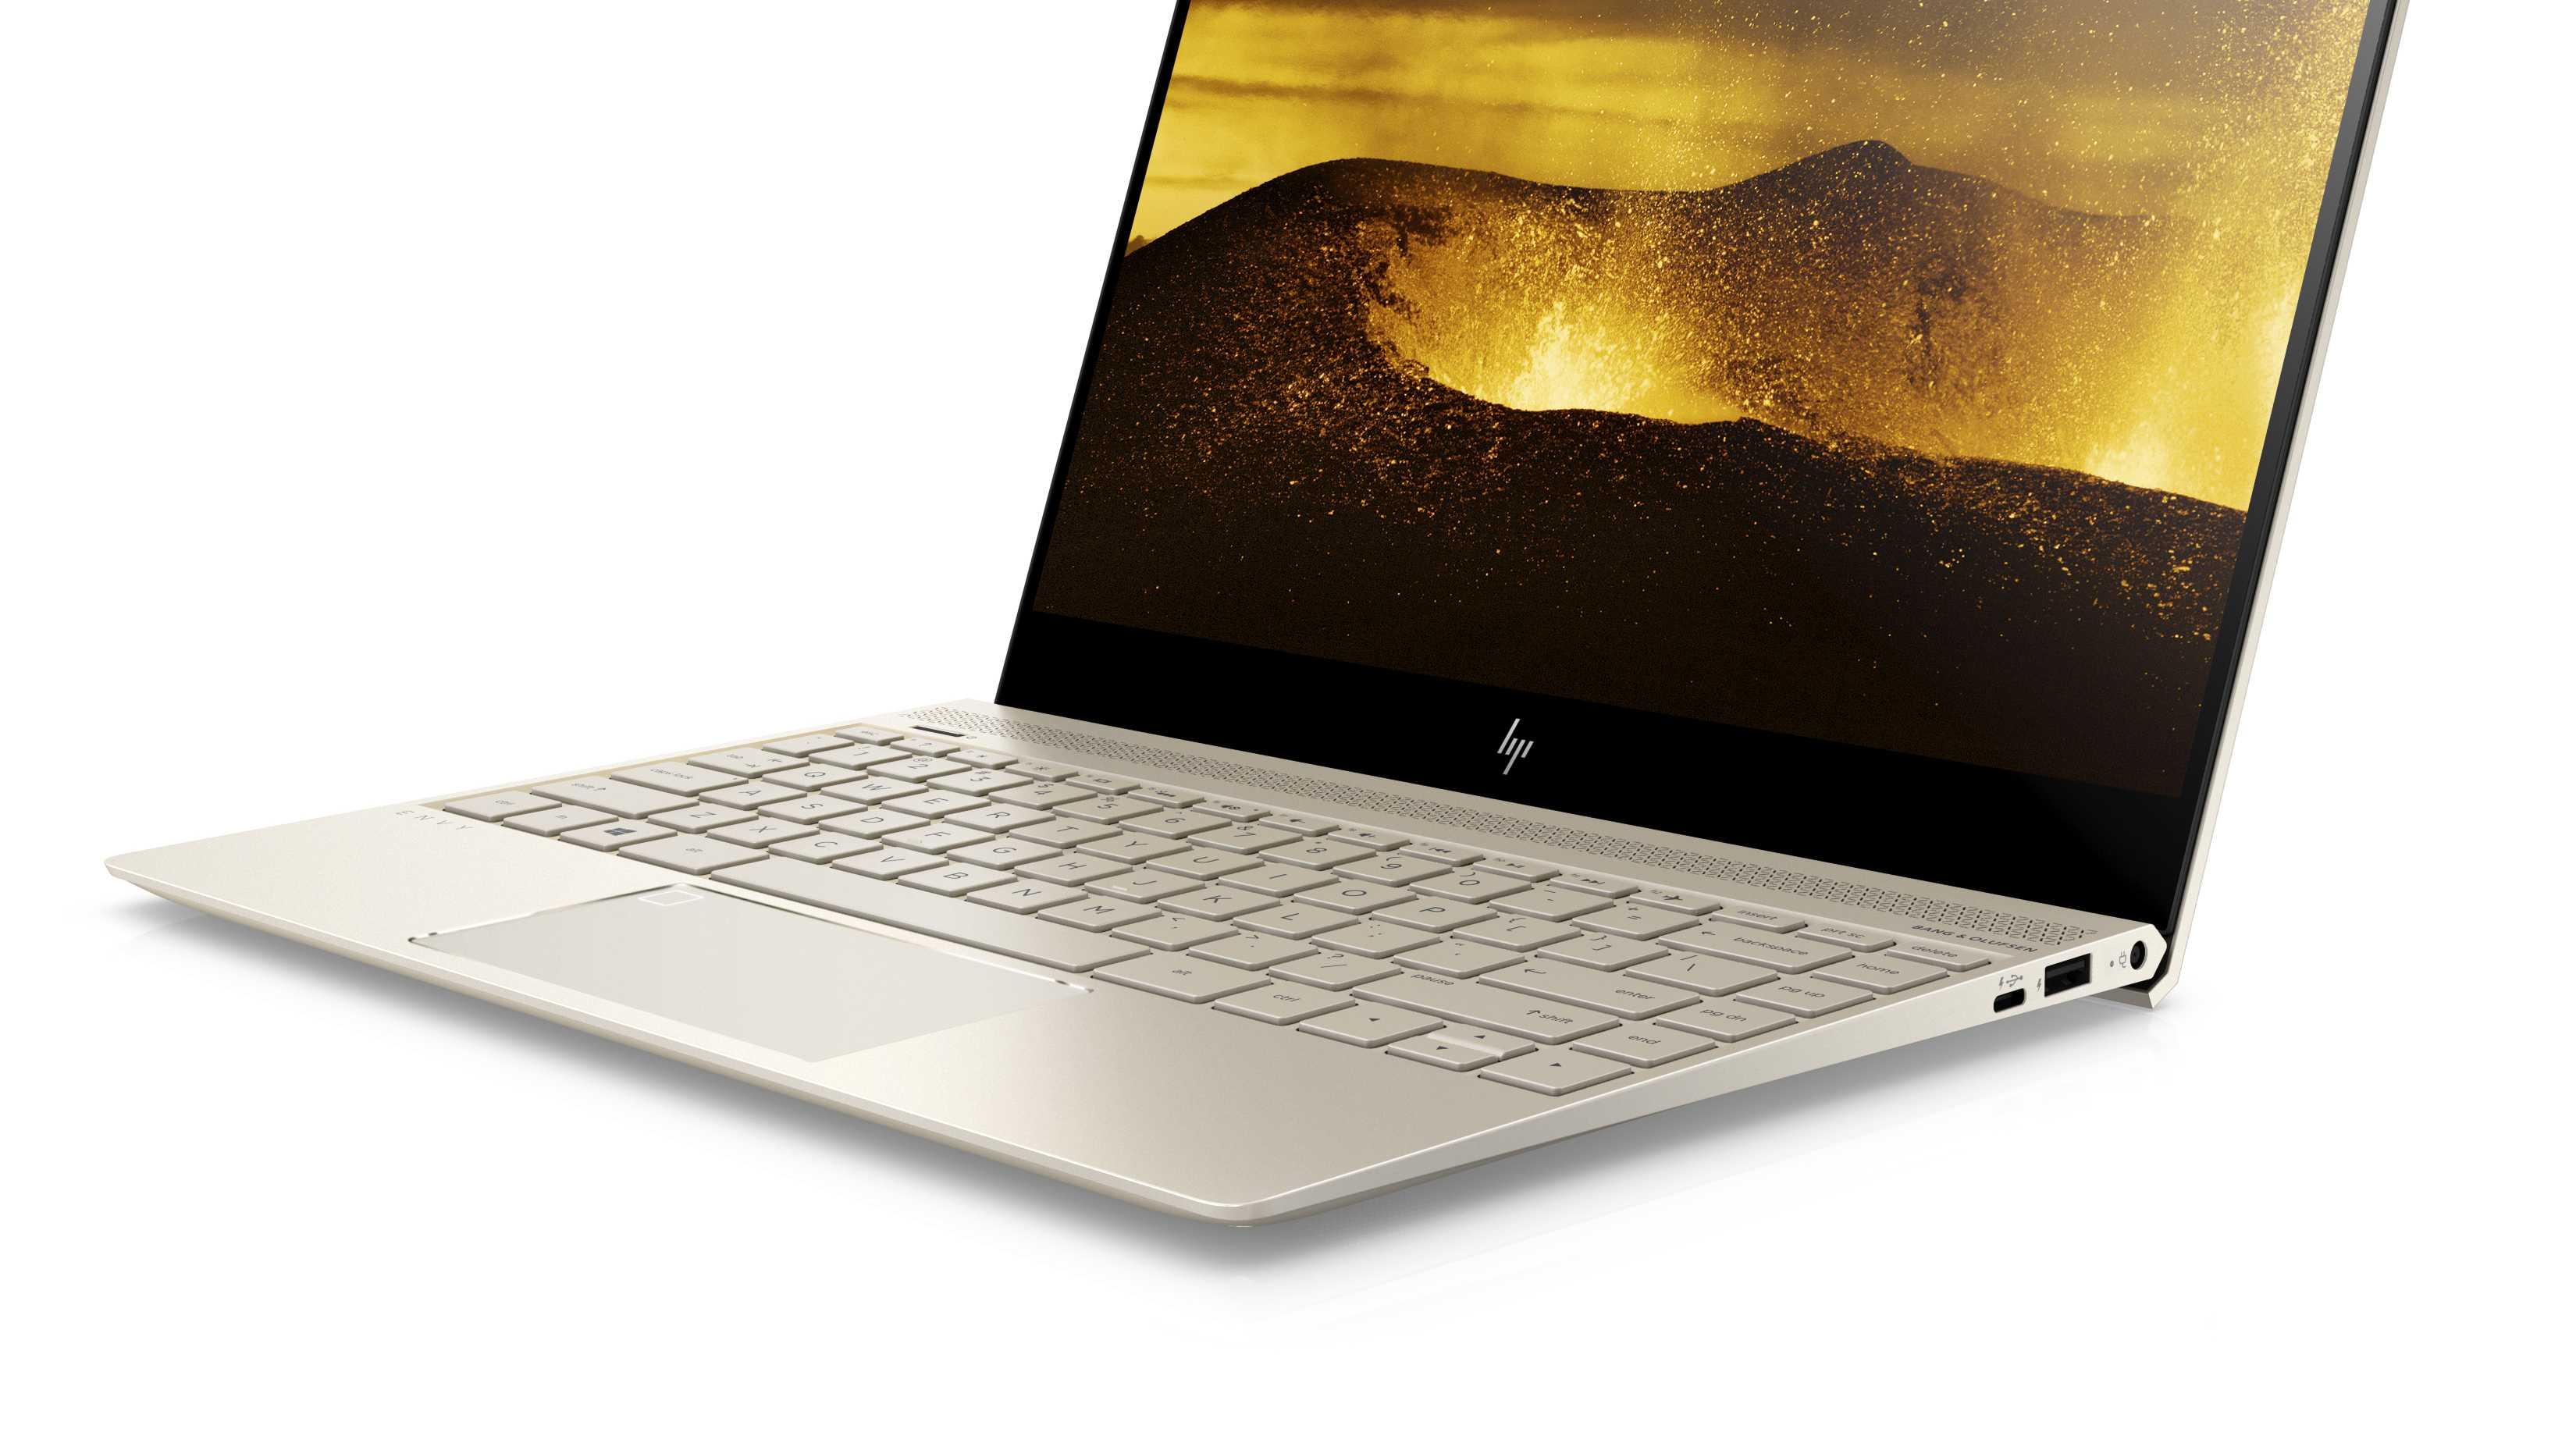 HP-Notebook Envy 13 mit neuer GeForce MX150